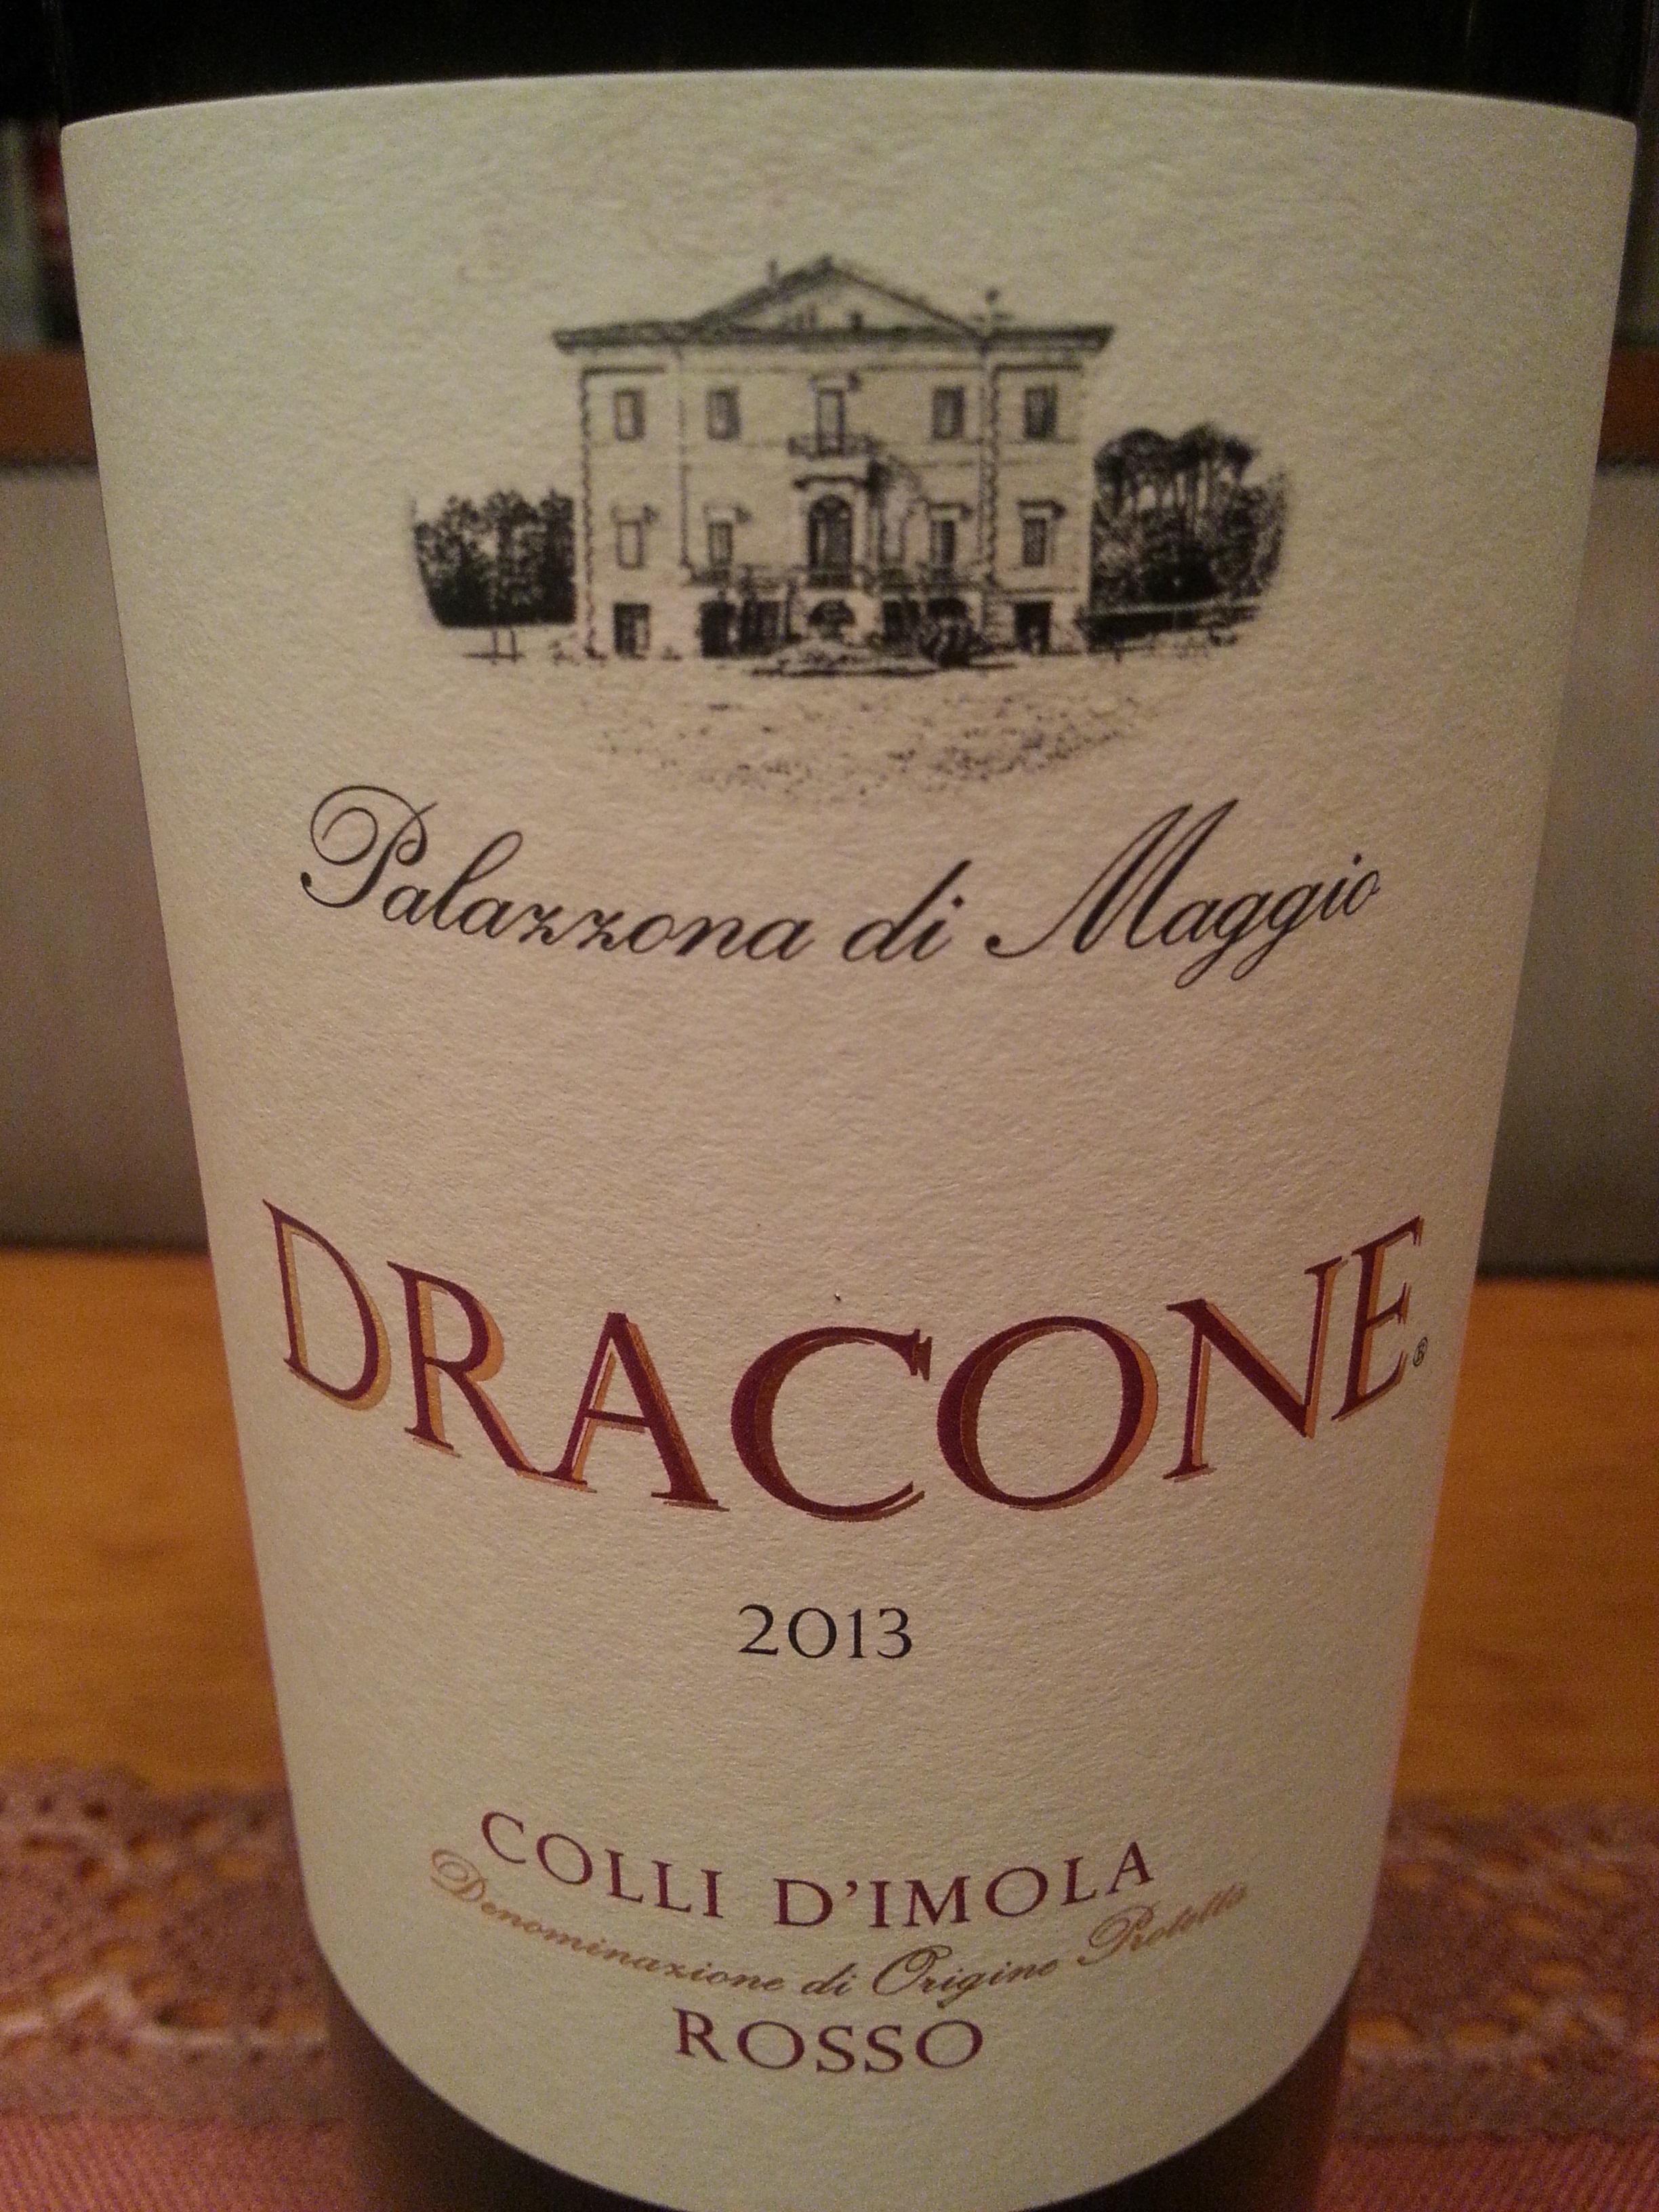 2013 Dracone | Palazzona di Maggio